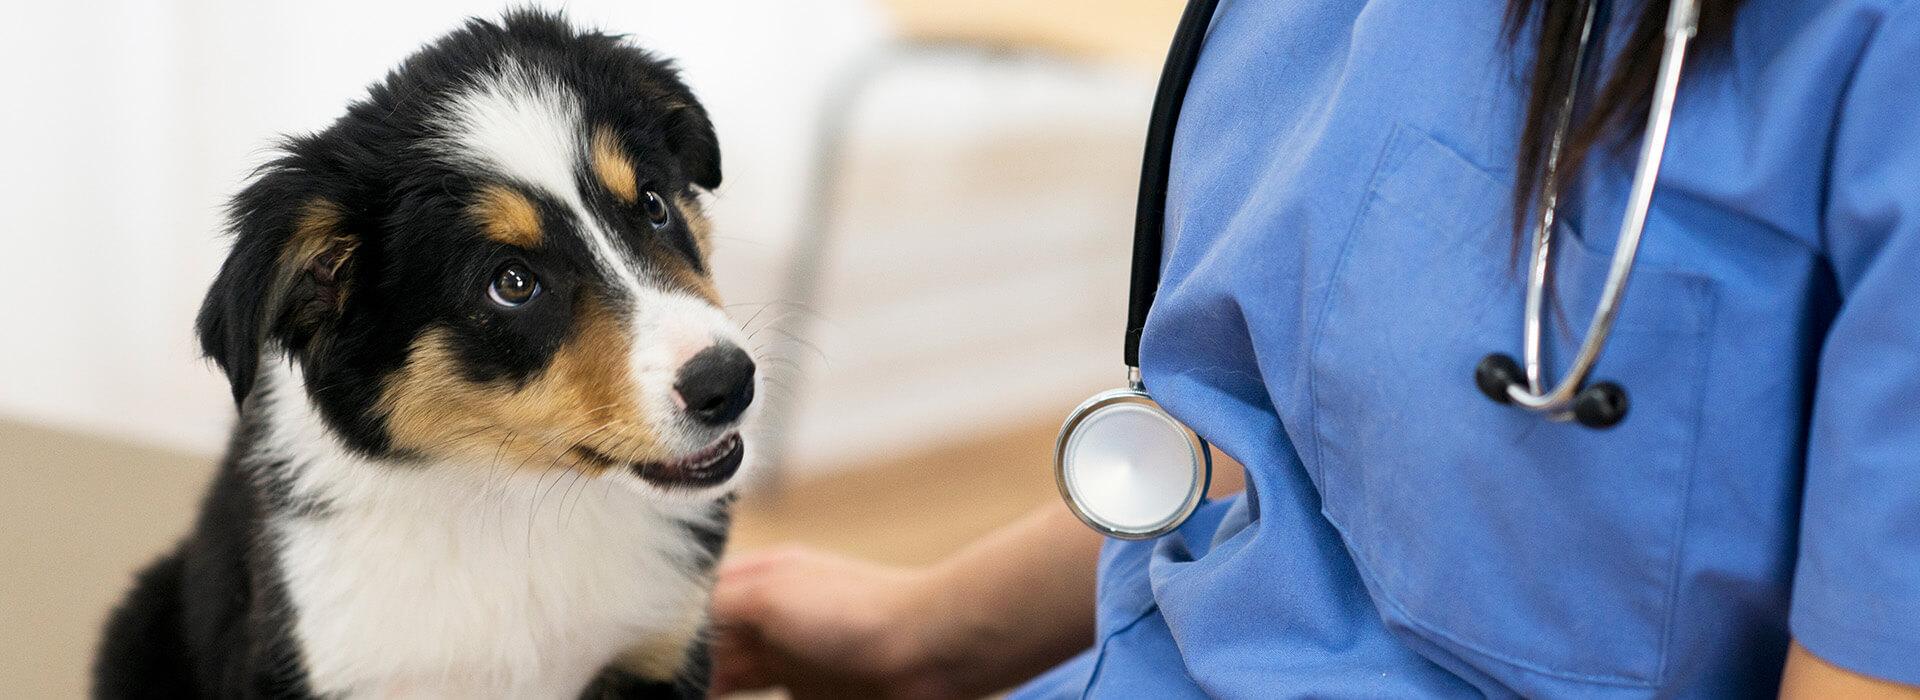 slider2-veterinairelacremans-liege (1)